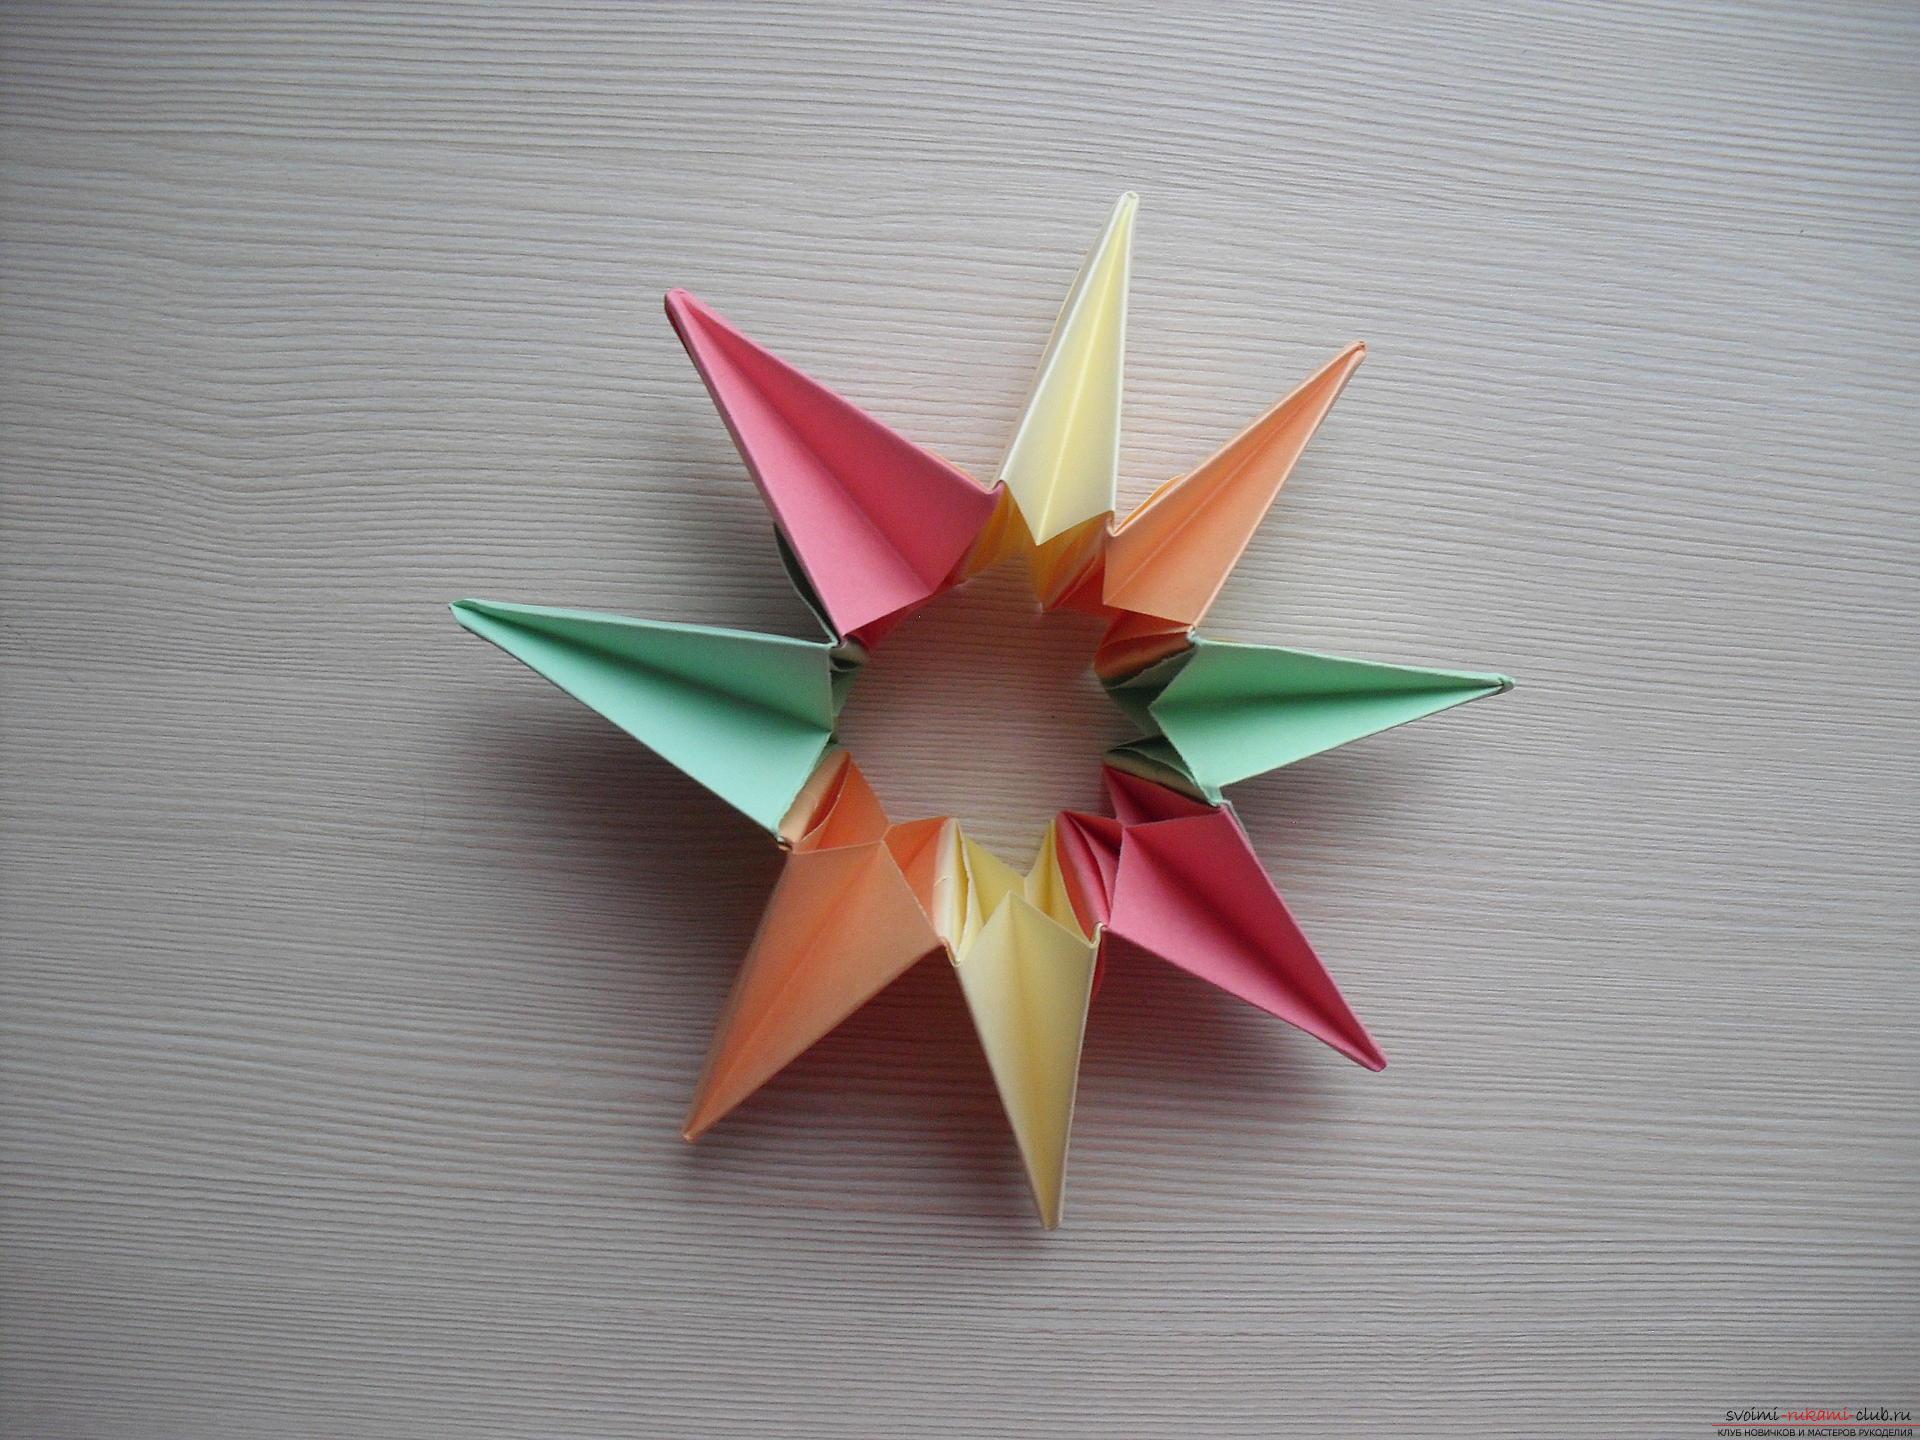 Как сделать звезду своими руками - Infoniac 86